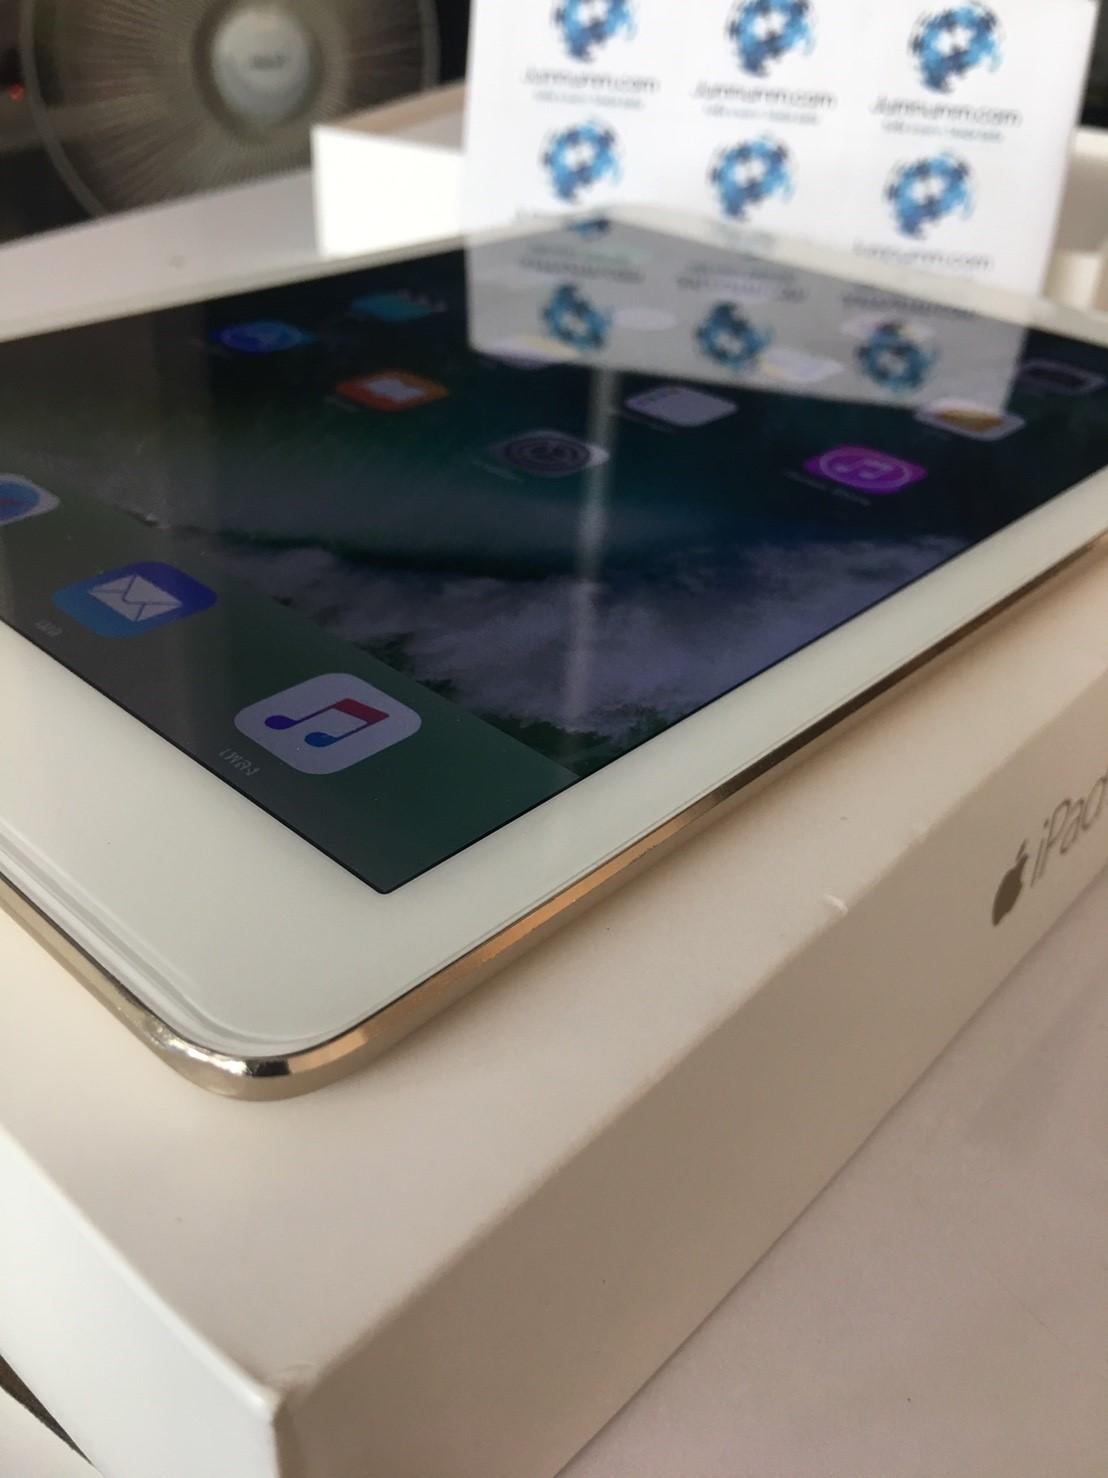 JMM 09 - IPad Air 2 32GB Wifi Gold สภาพนางฟ้า ราคา 11,500 บาท ประกันเหลือถึง มิ.ย 60